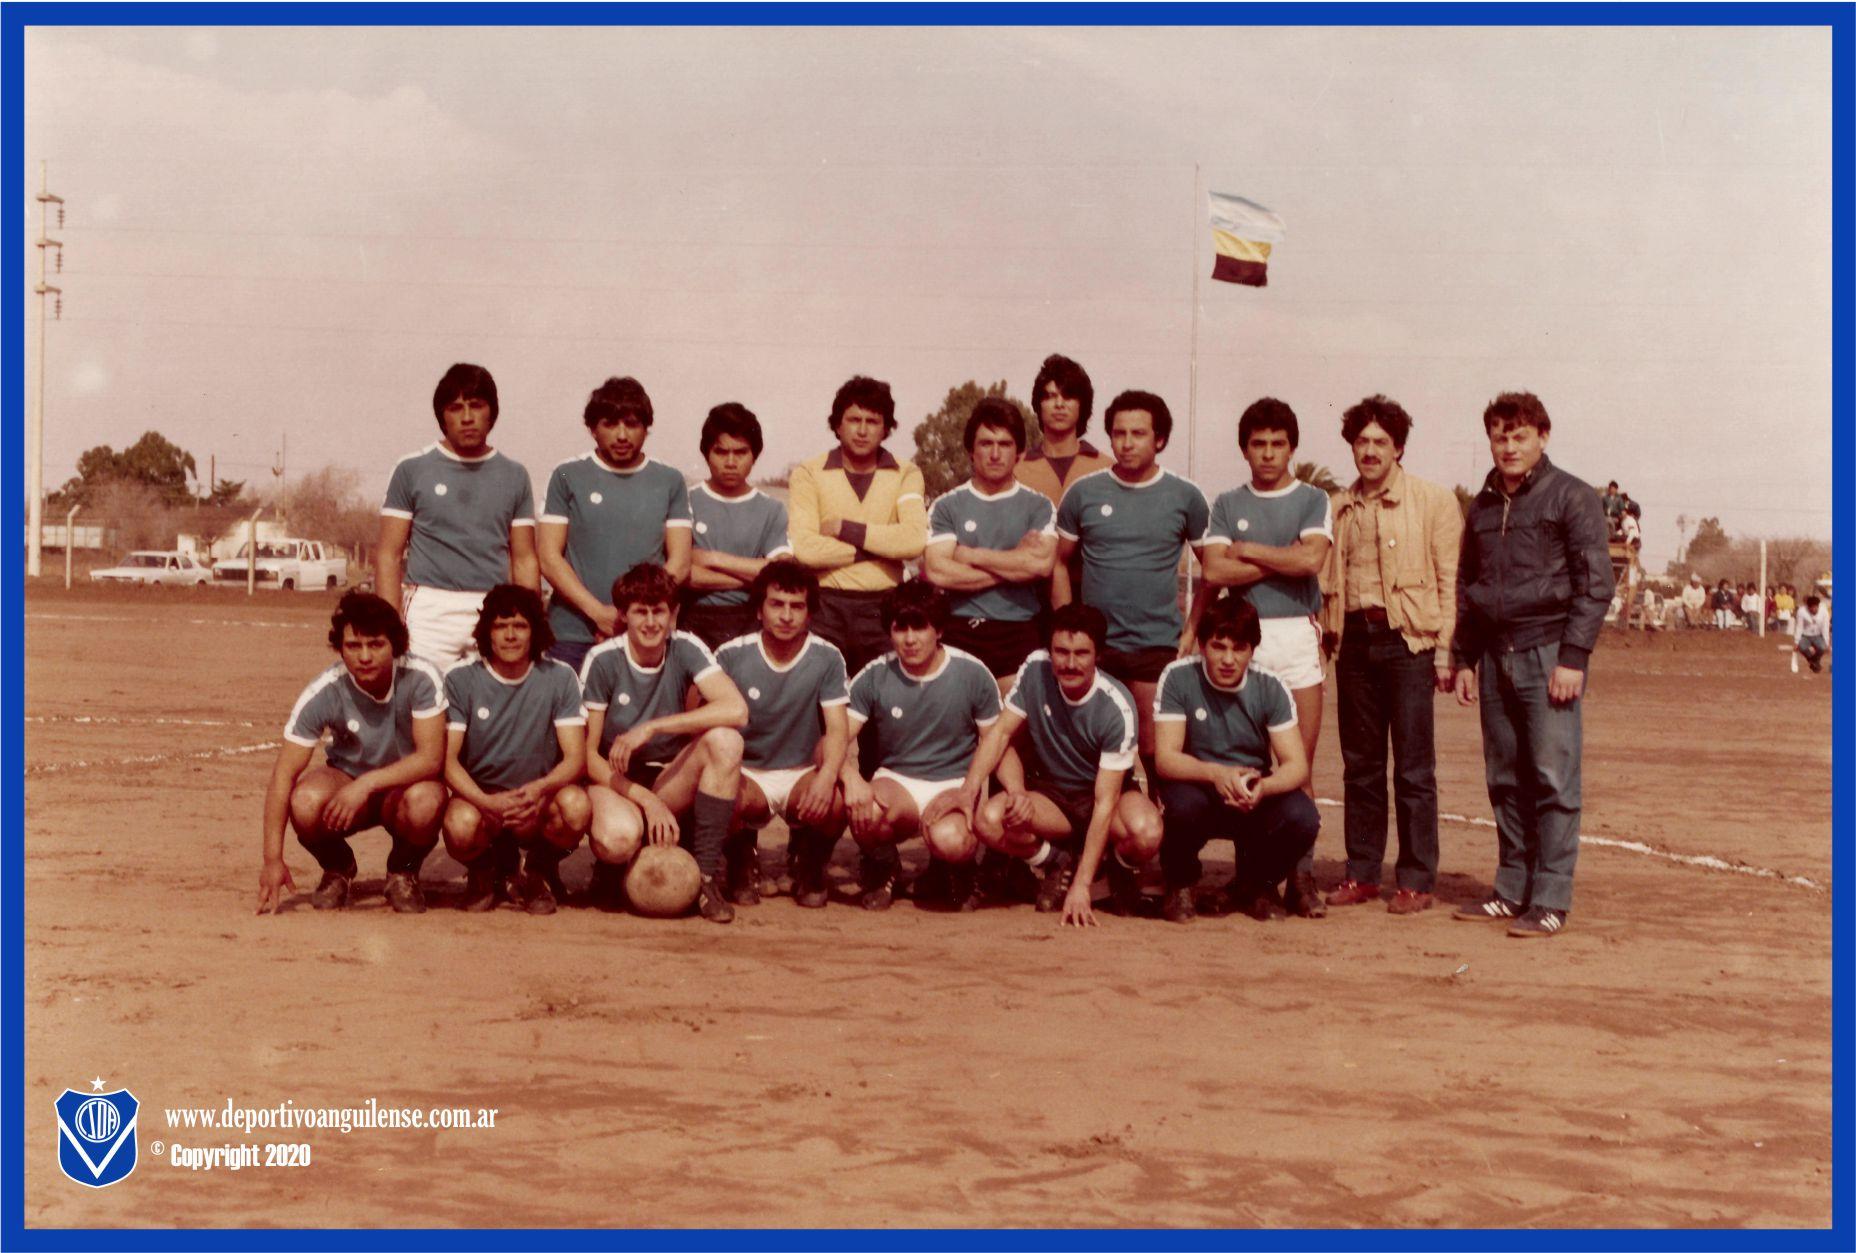 Anguilense 1984